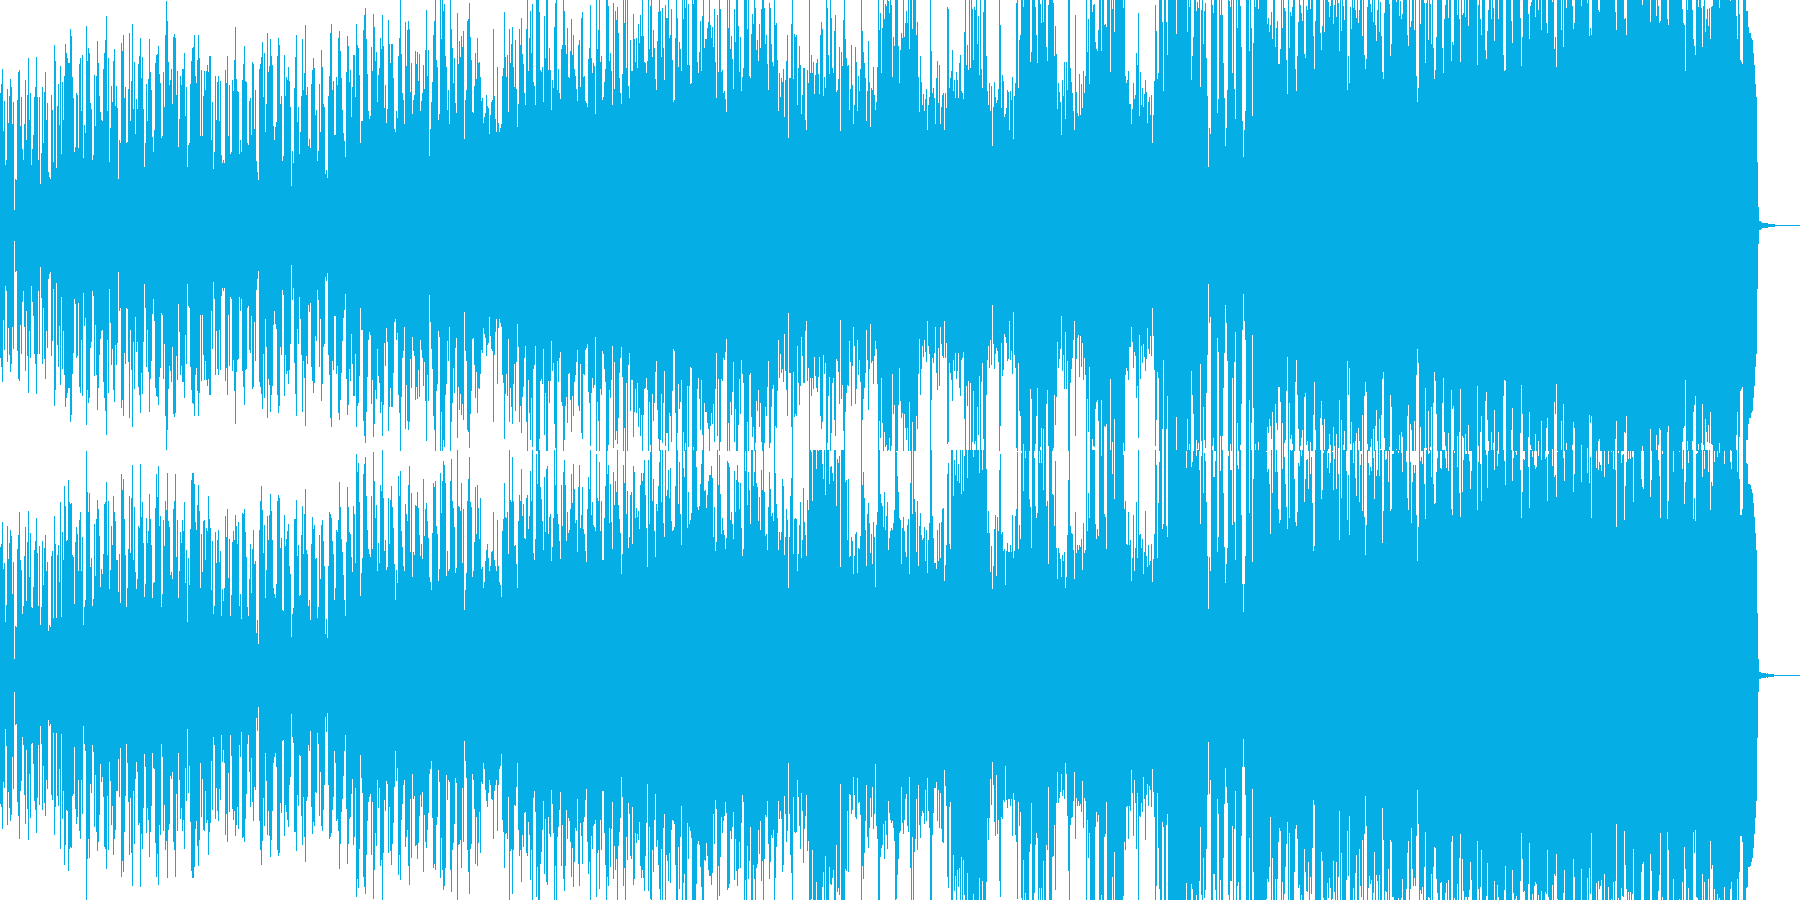 力強いバトルイメージの曲ですの再生済みの波形